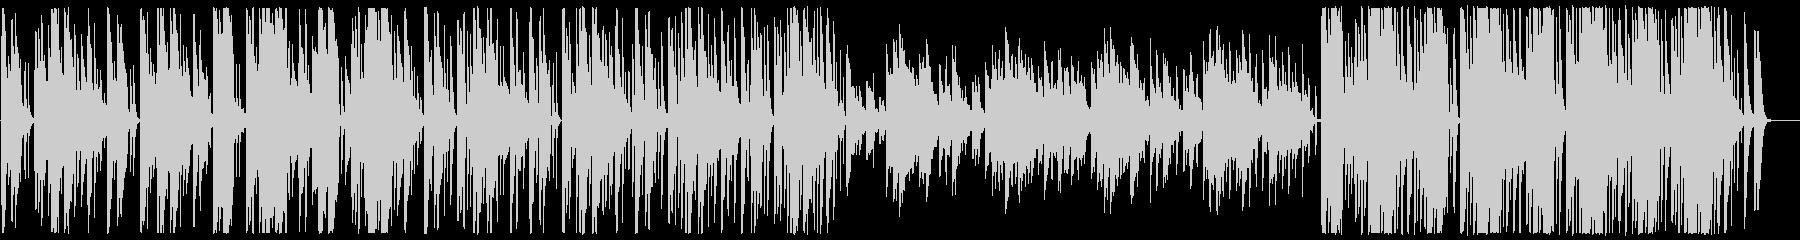 神秘的なオリエンタルBGMの未再生の波形